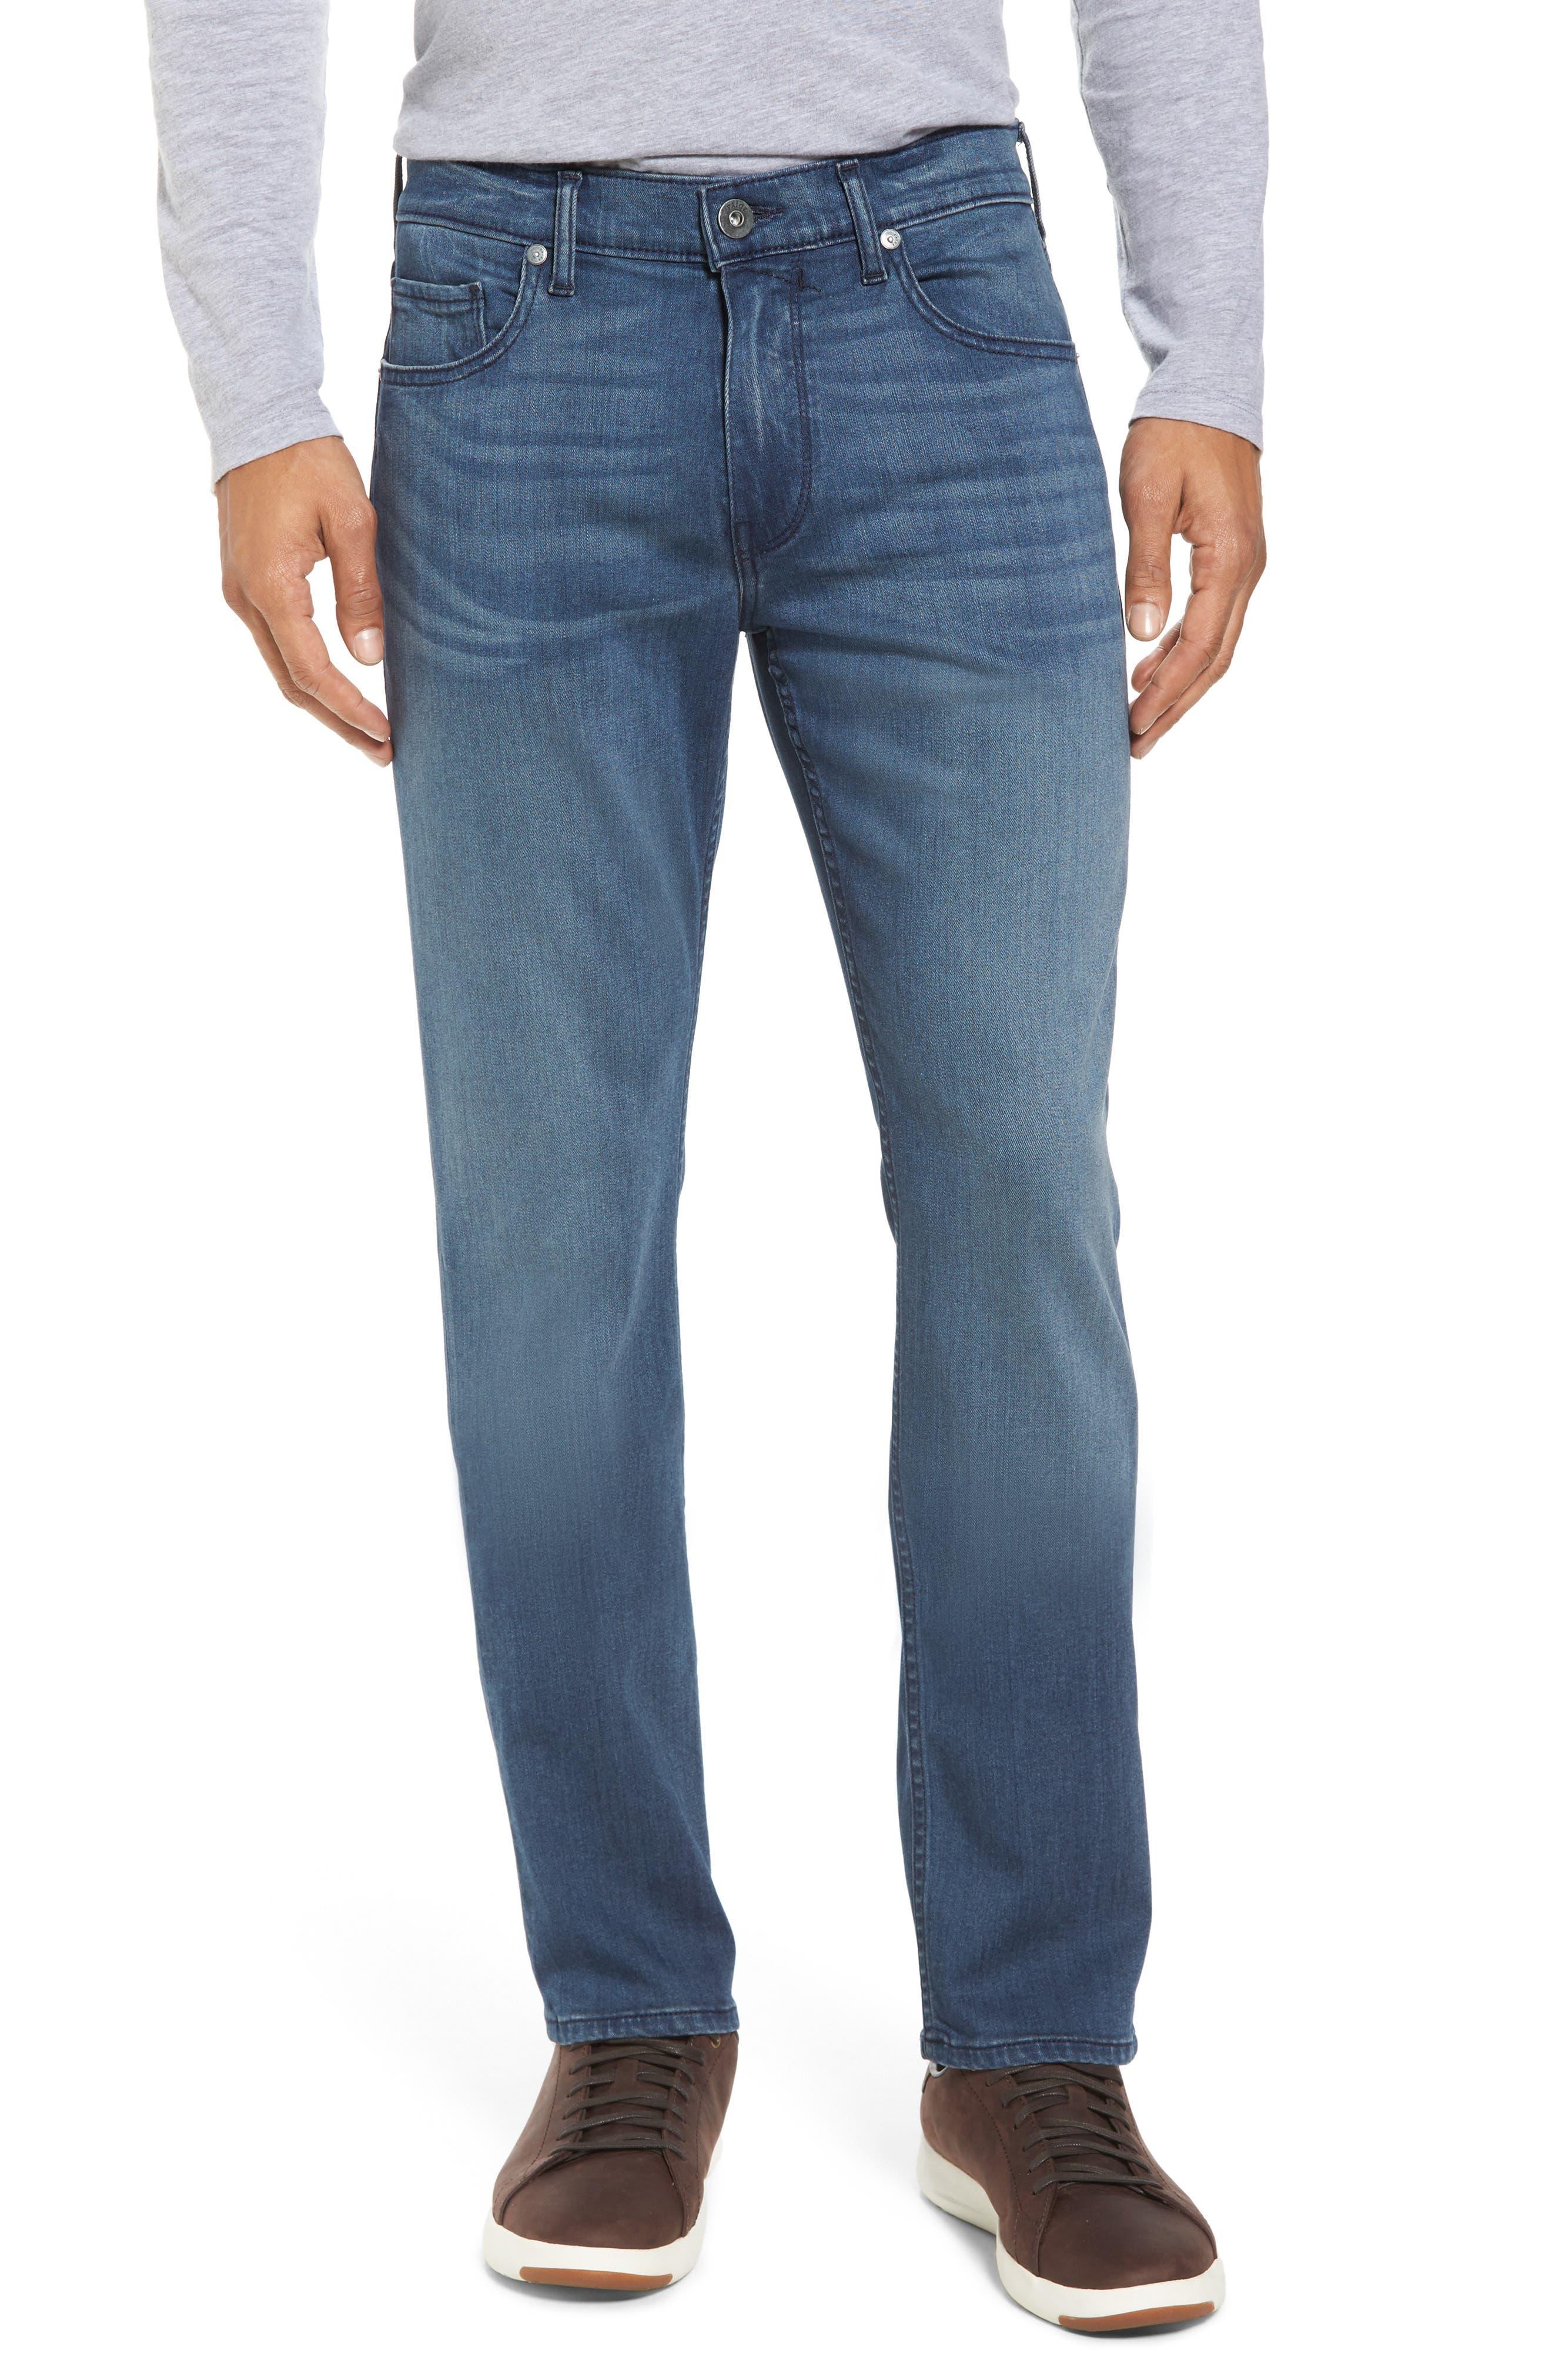 Transcend - Federal Slim Straight Fit Jeans,                         Main,                         color, Skyler